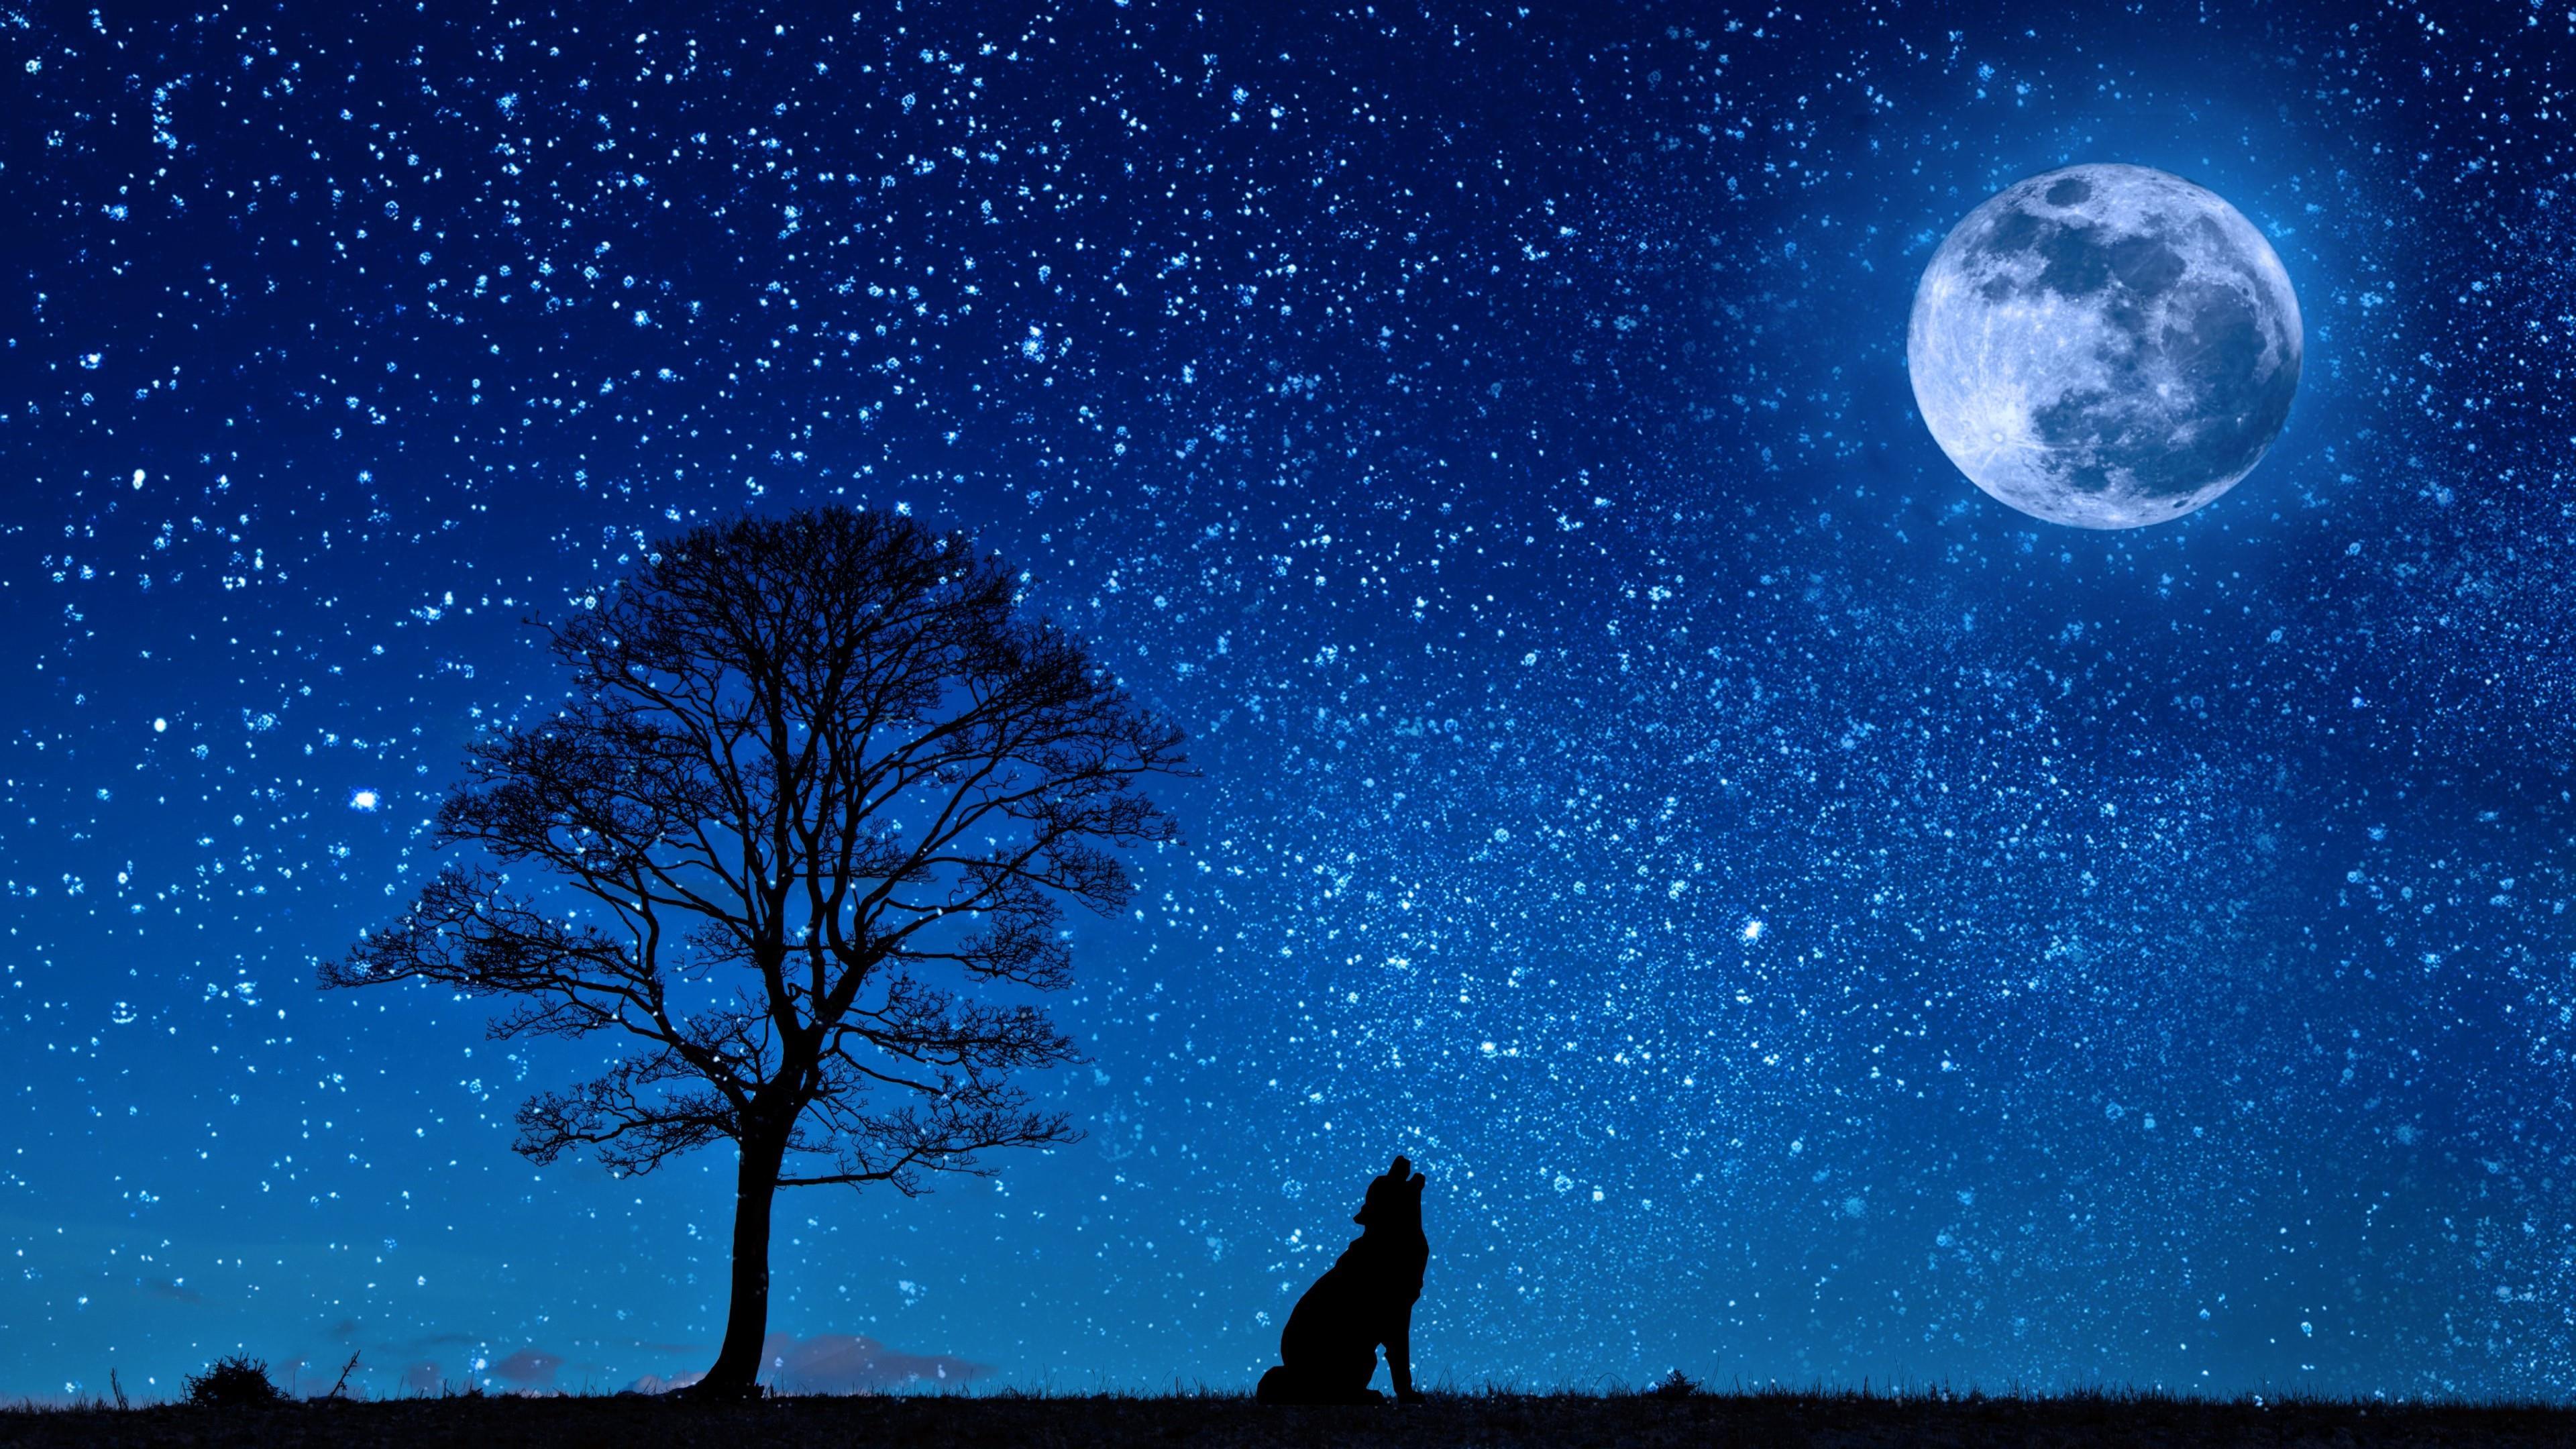 Wolf ib the full moon wallpaper